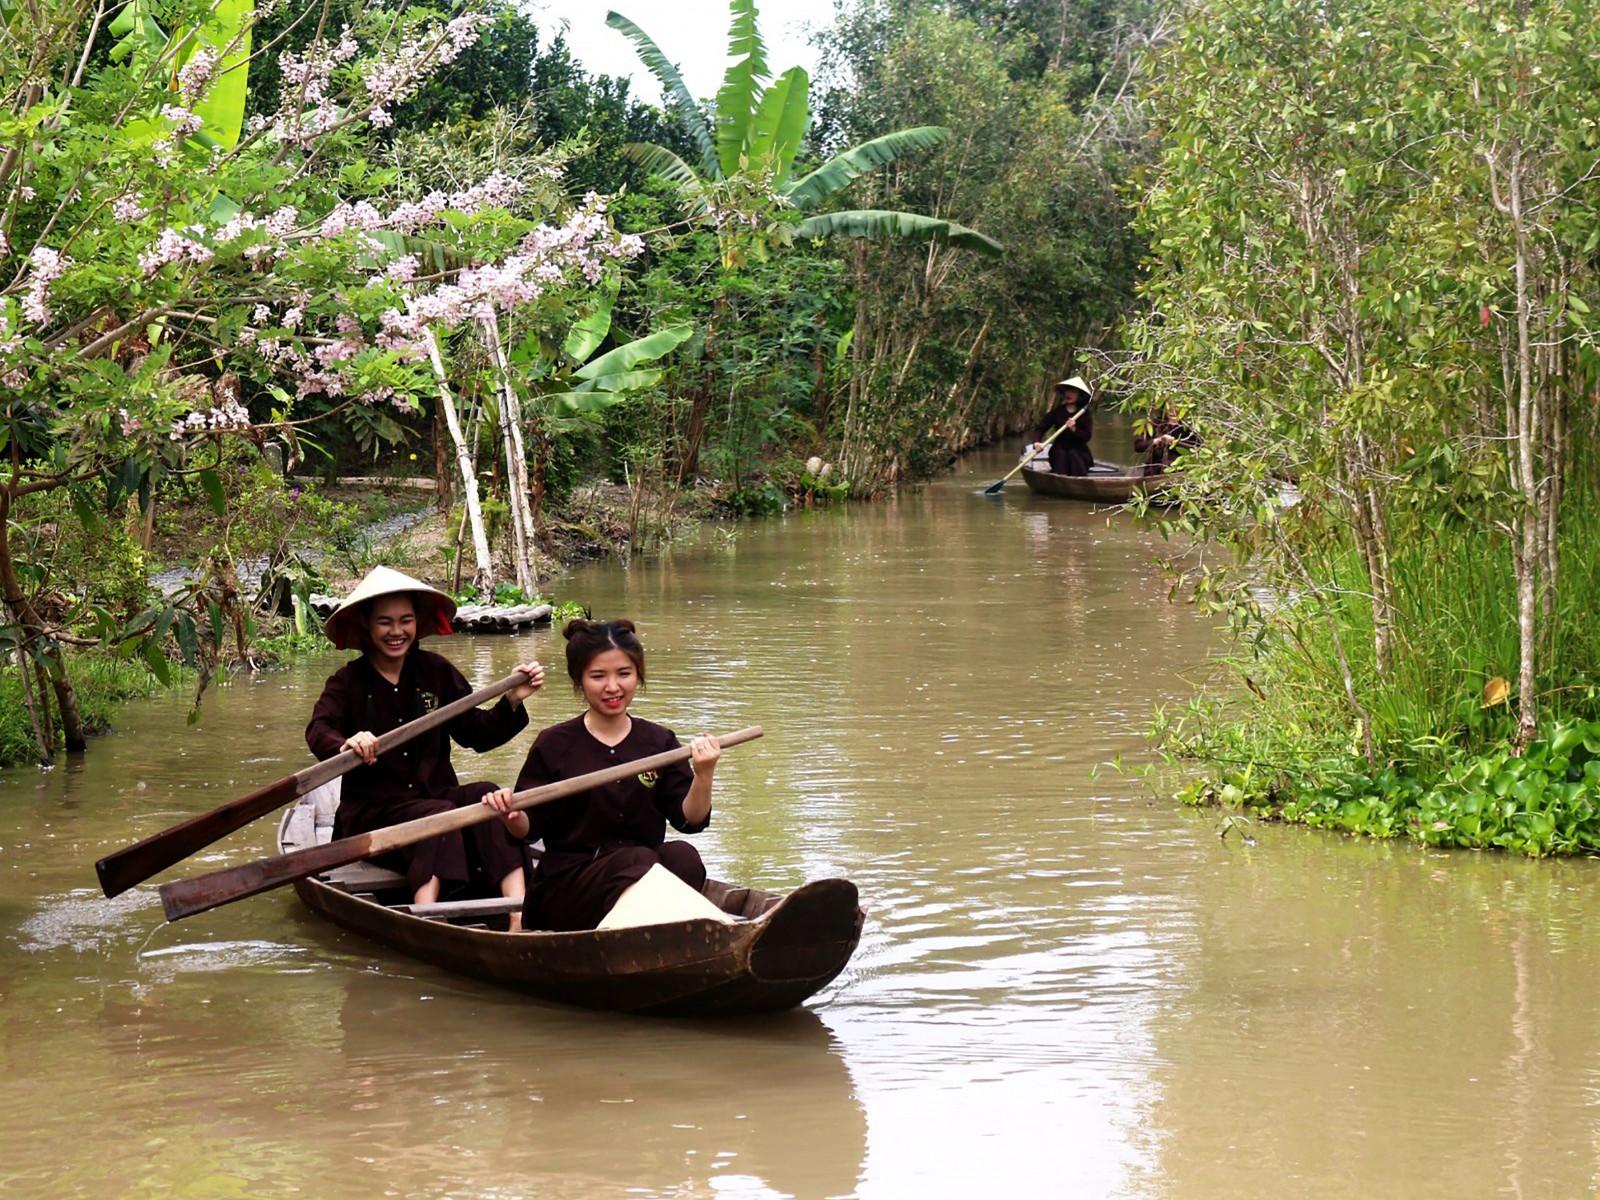 Trải nghiệm sông nước miệt vườn là sản phẩm du lịch được các đơn vị lữ hành Bạc Liêu và An Giang đánh giá cao về du lịch Cần Thơ tại hội nghị. Ảnh: ÁI LAM